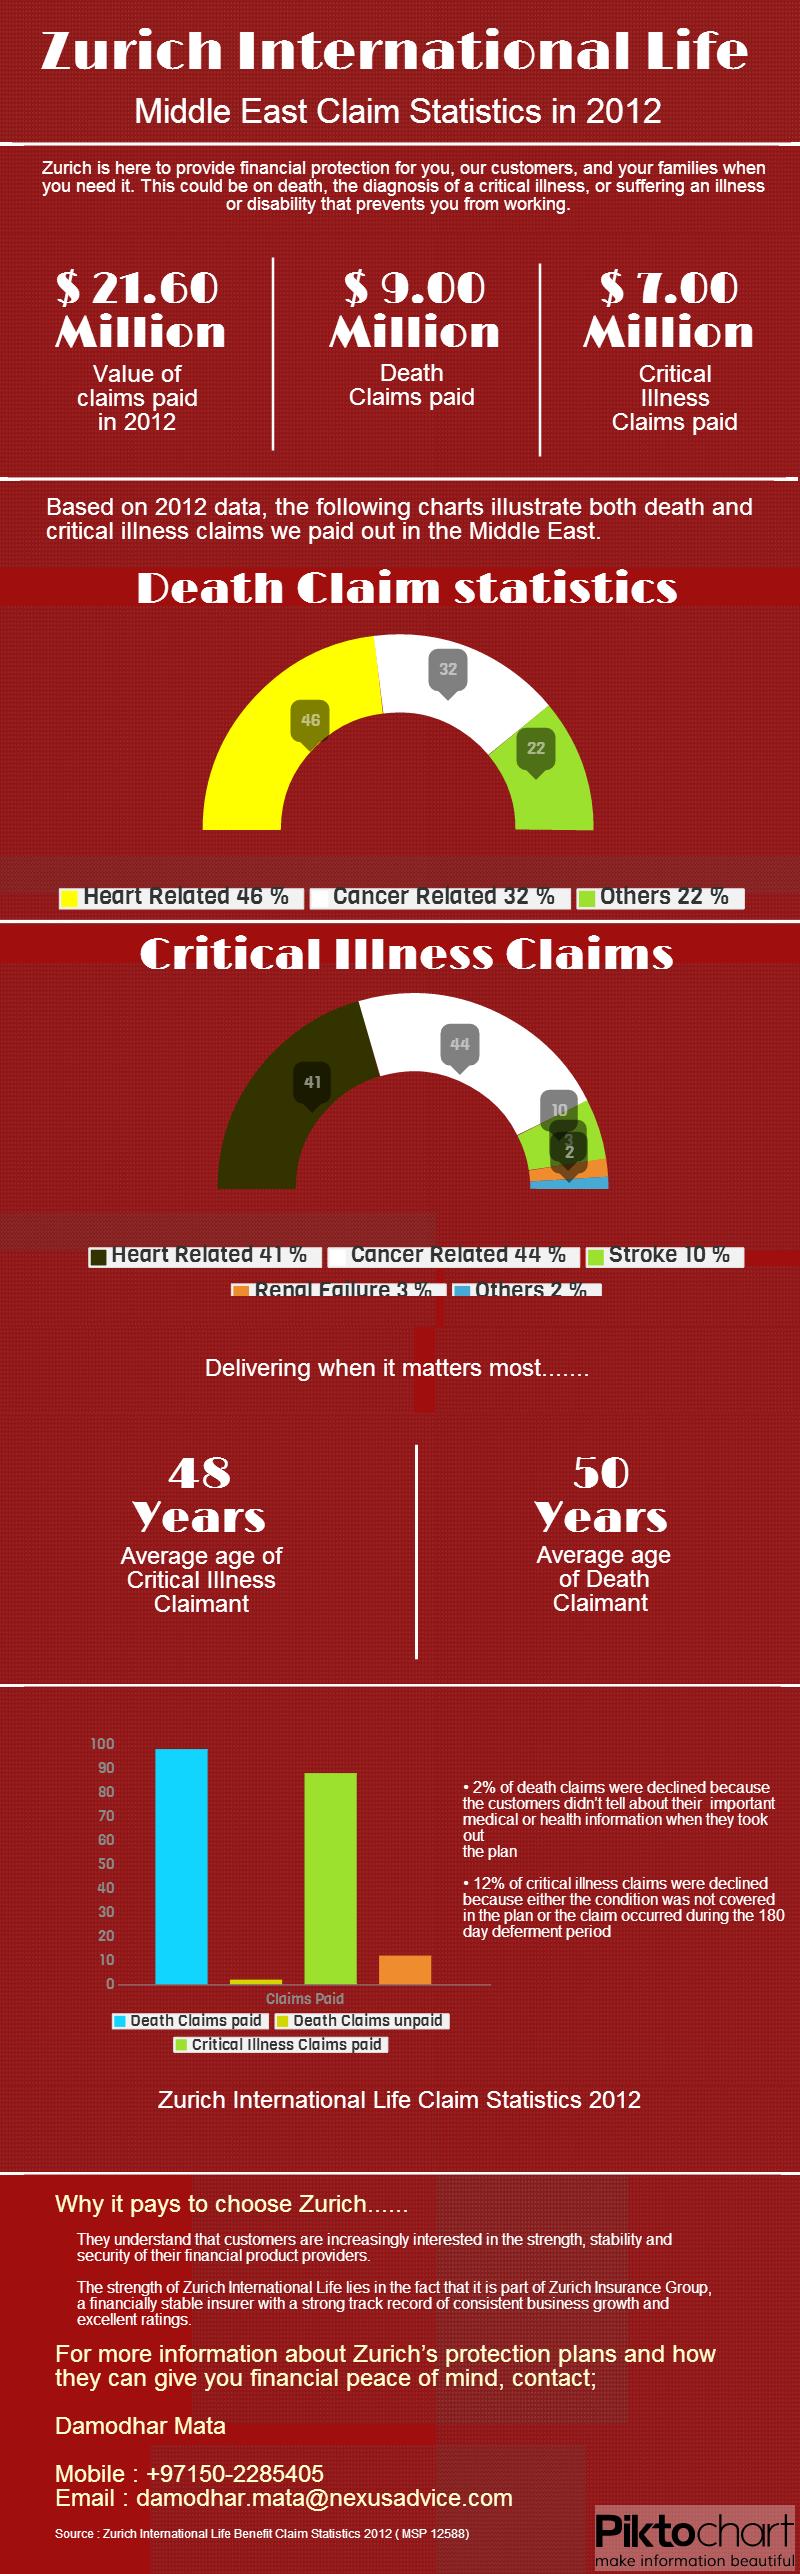 zurich claim statistics